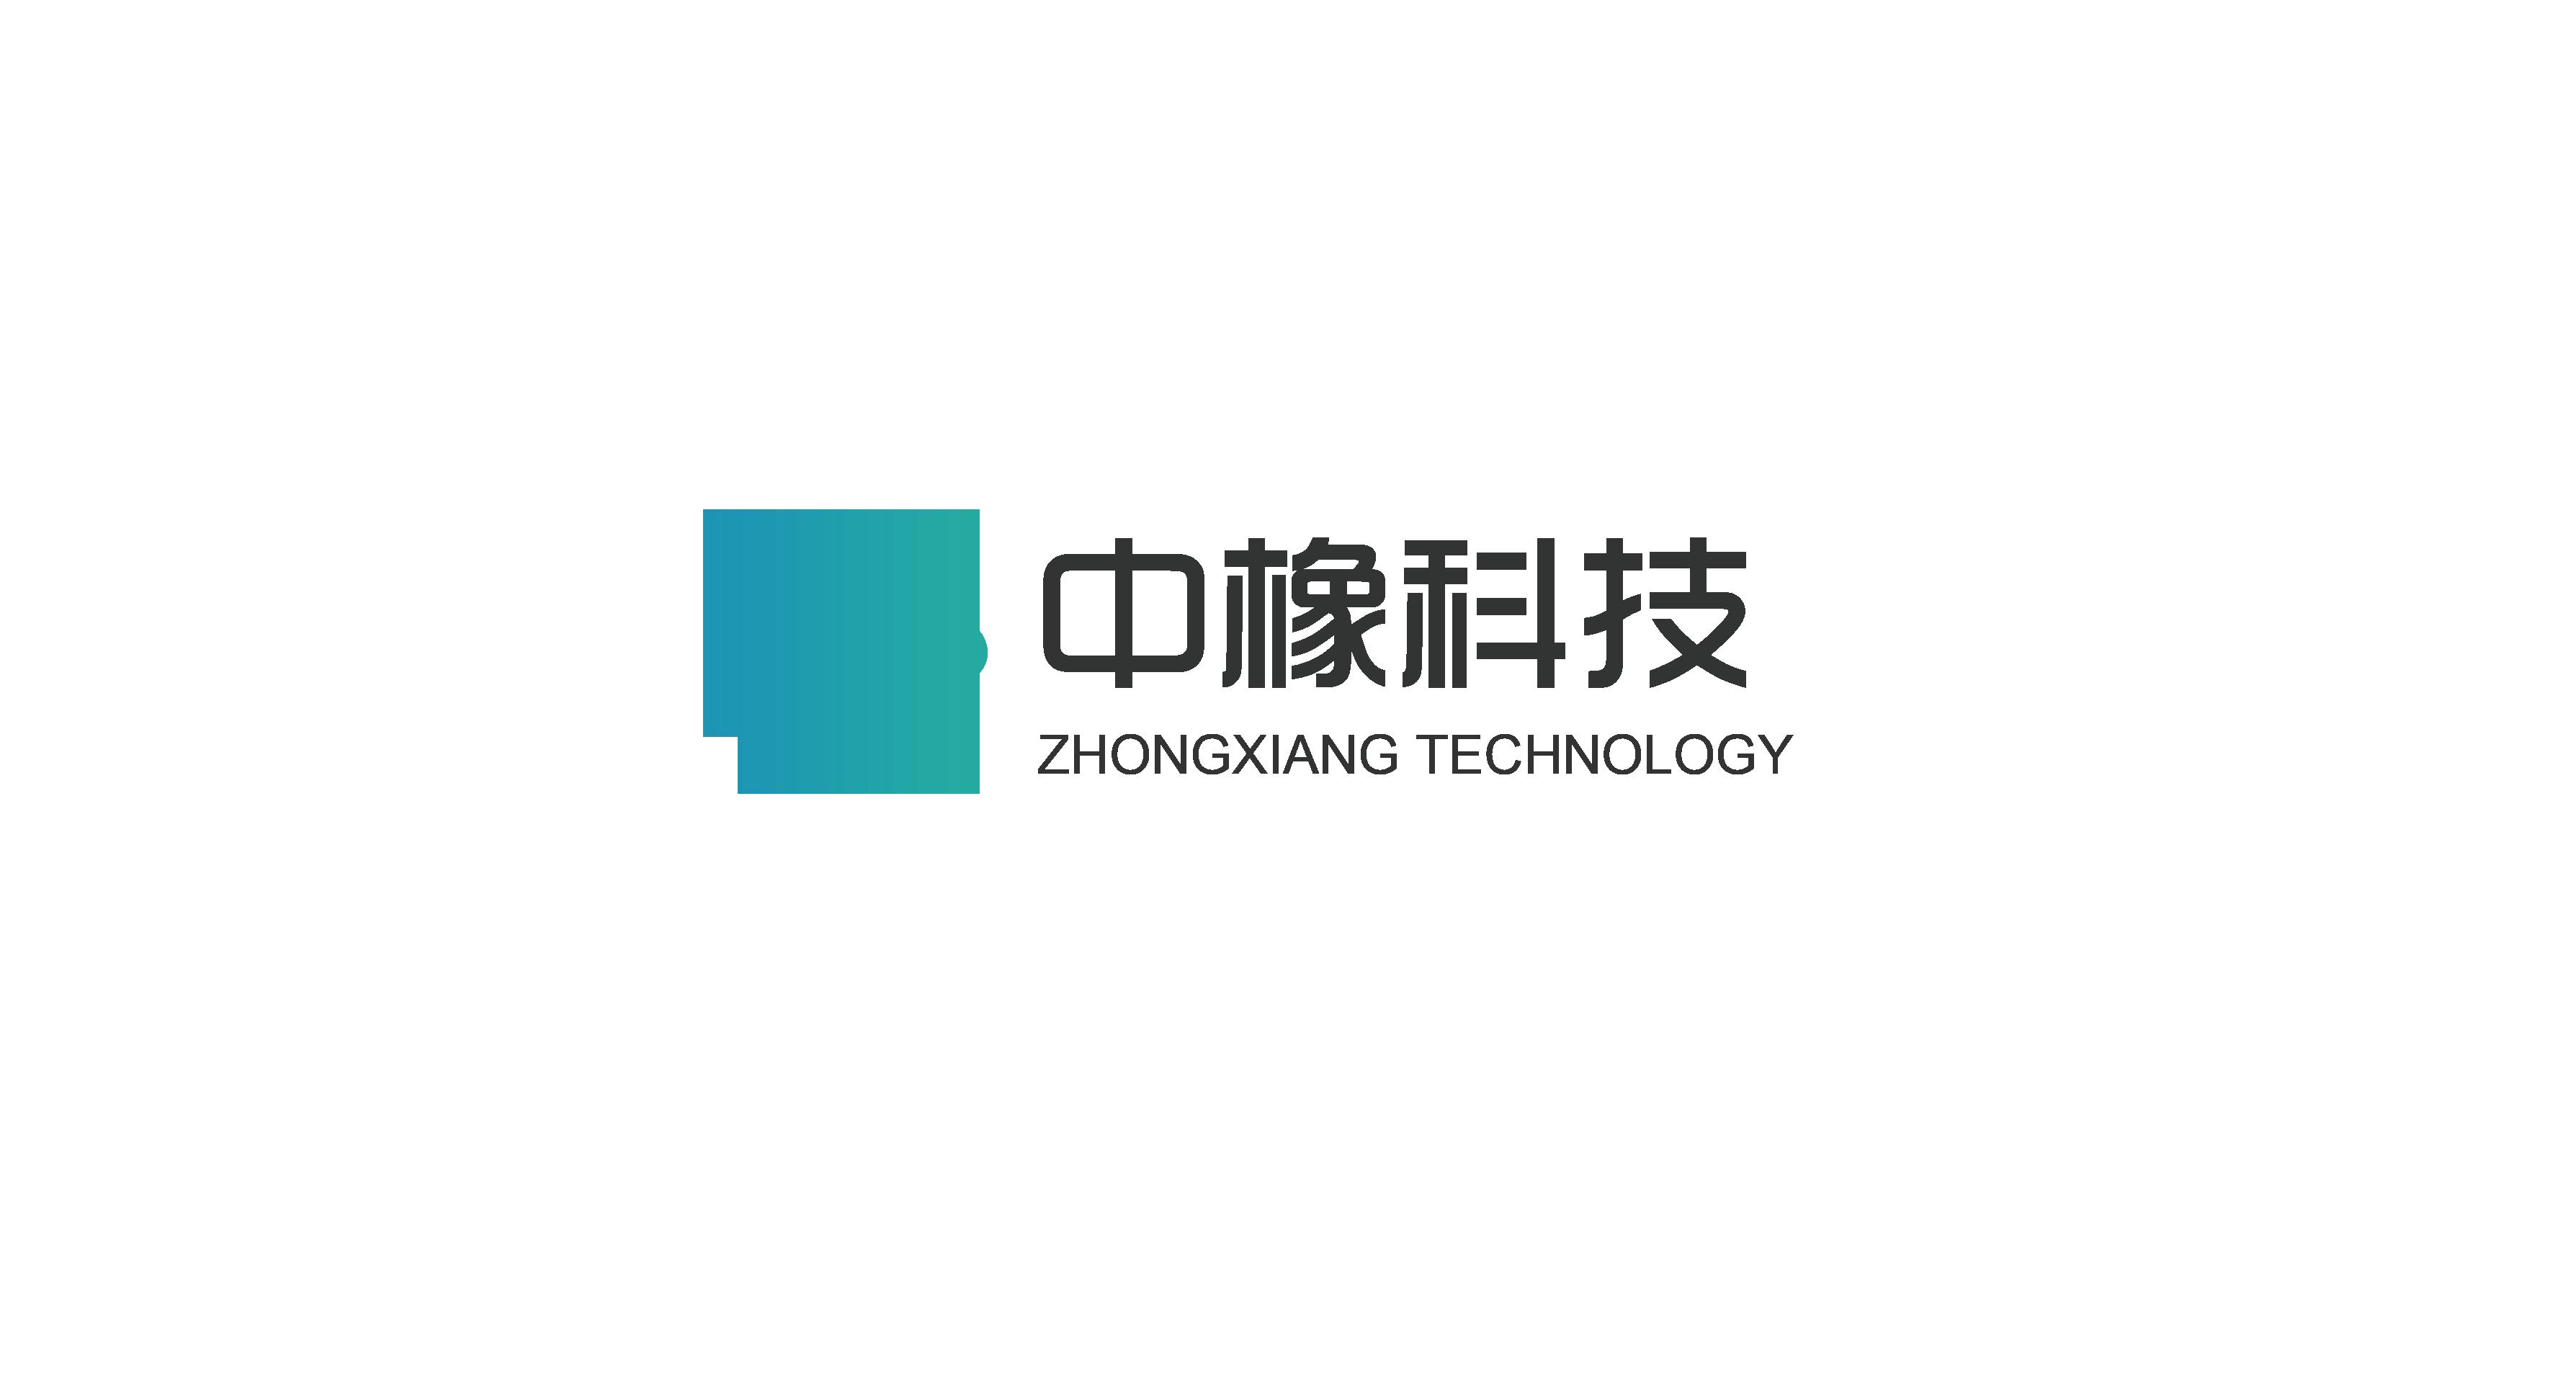 中橡科技發展玖玖資源站;